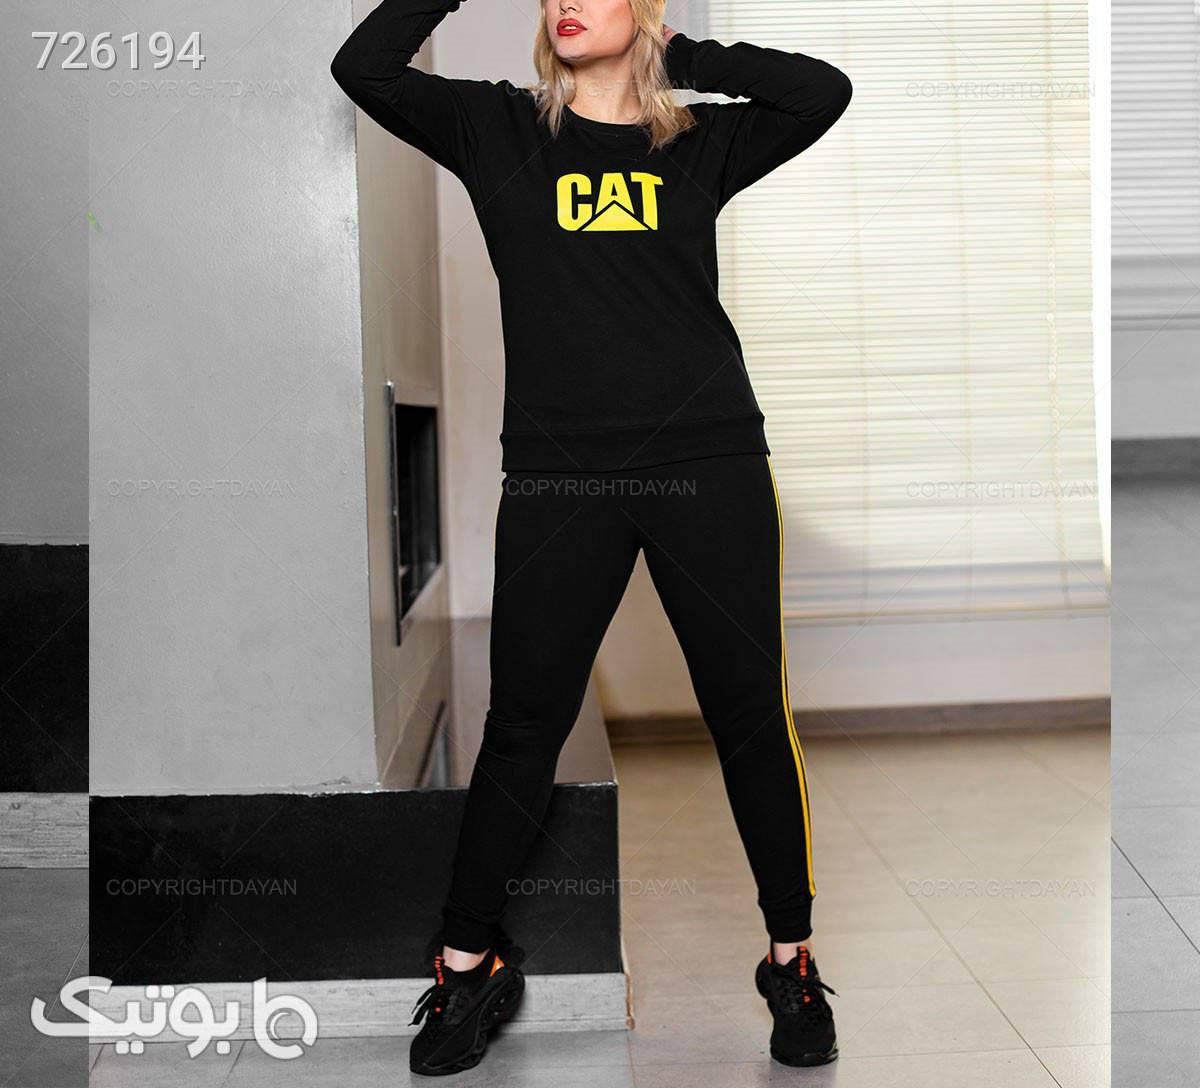 ست بلوز و شلوار زنانه Cat مشکی ست ورزشی زنانه